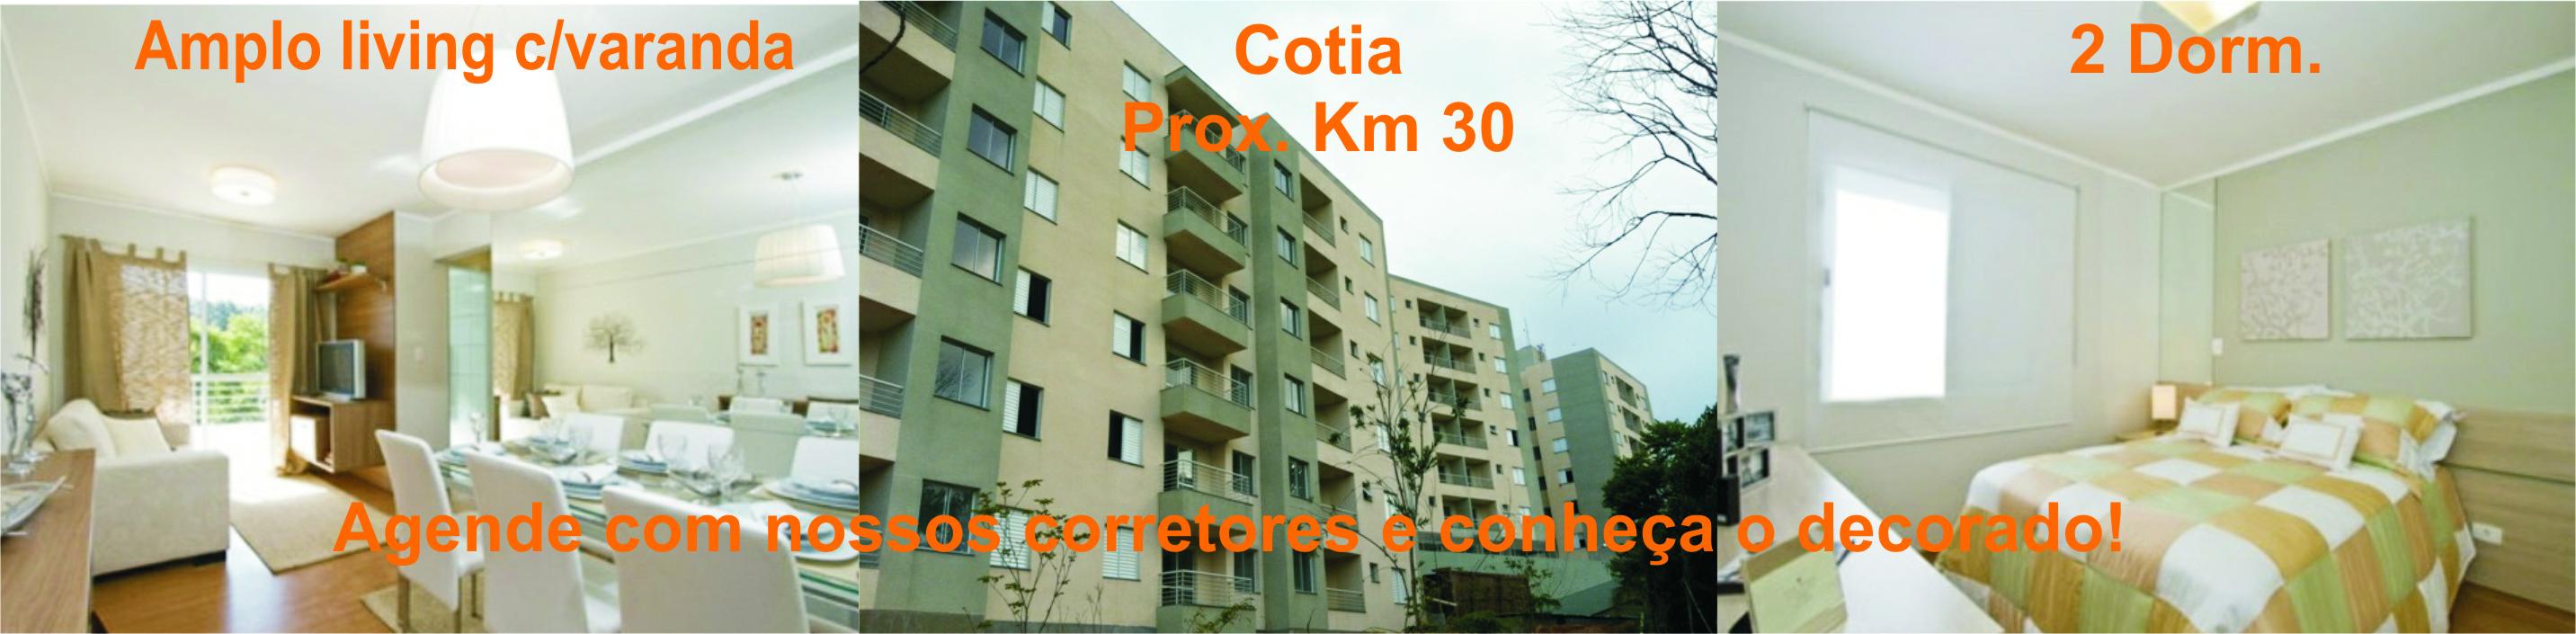 PRONTA ENTREGA 2 DORM COM VARANDA. - <a href='http://elloimobiliaria.tempsite.ws/residencial/lancamento-2-dorm-com-varanda/'>Veja mais detalhes</a>